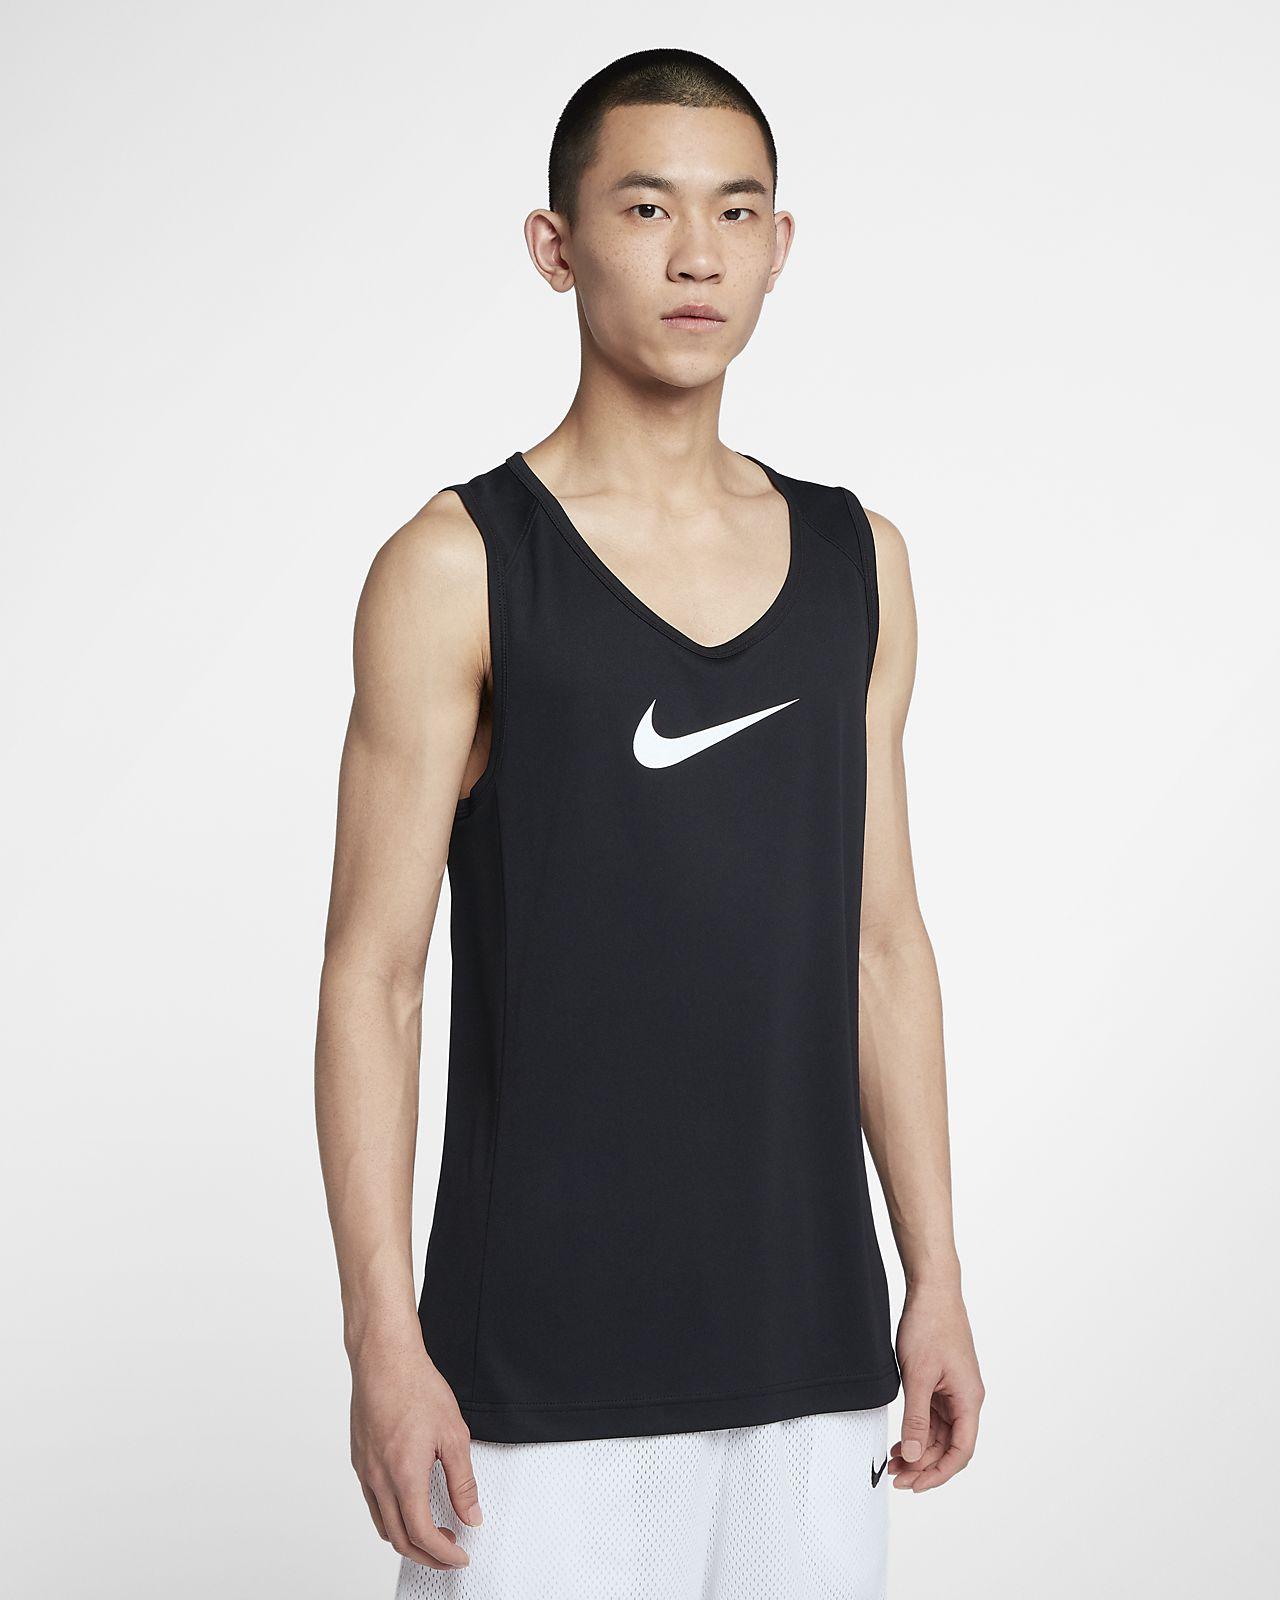 Nike Dri-FIT Men's Basketball Top